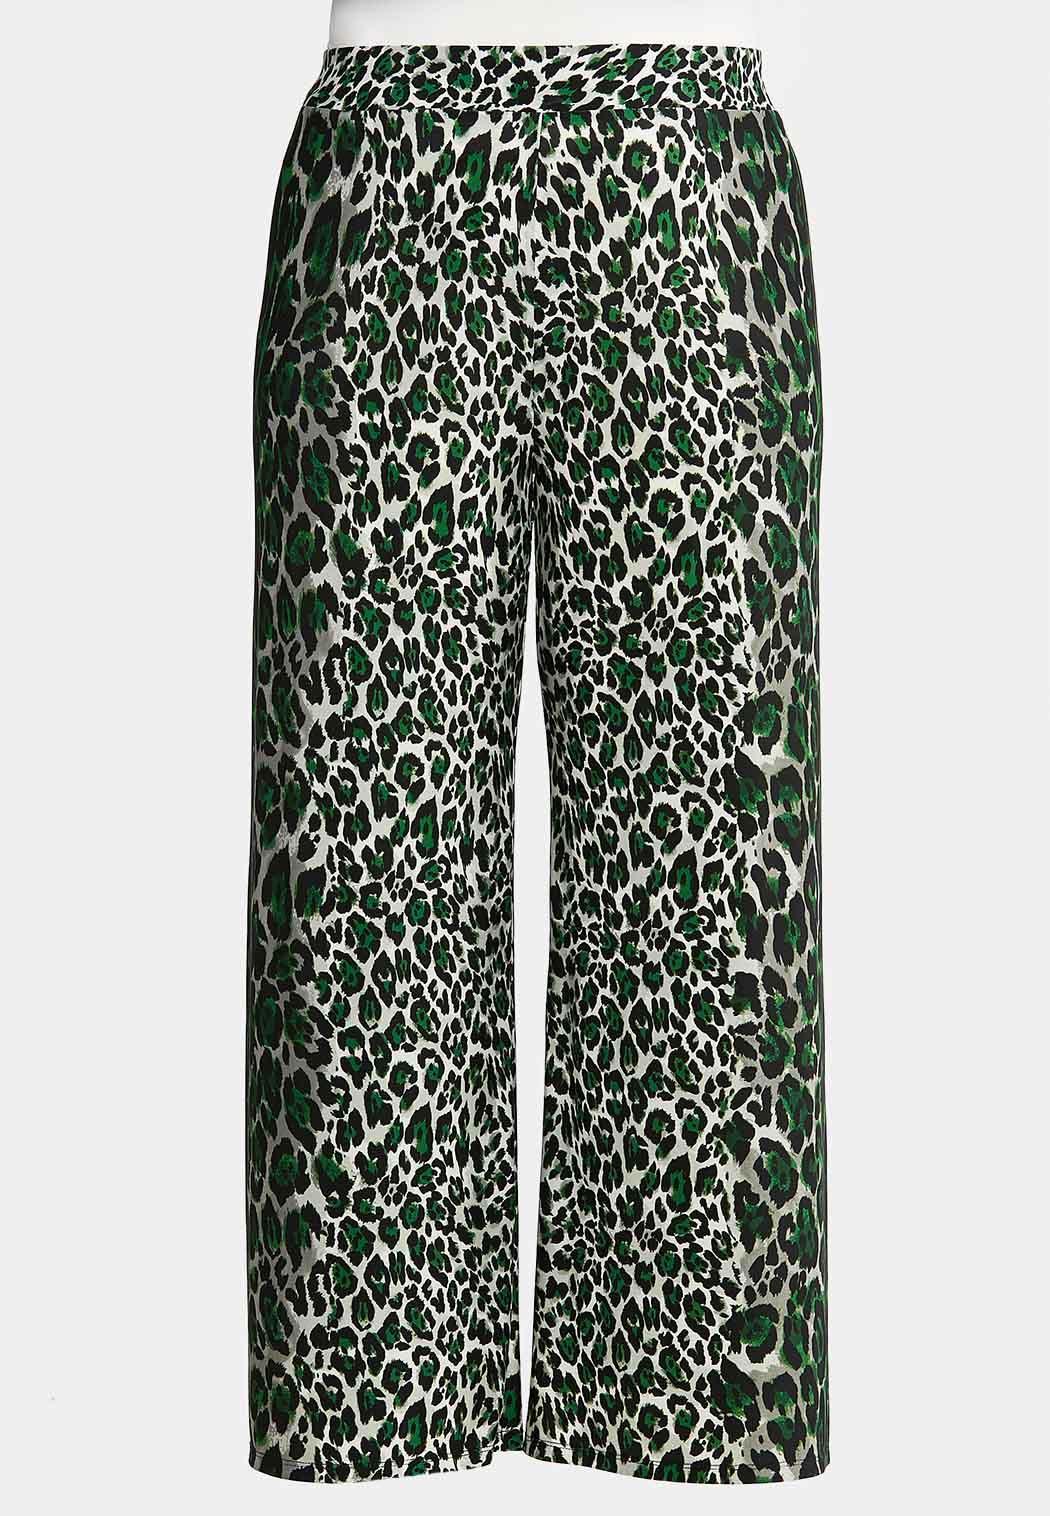 Plus Petite Leopard Palazzo Pants